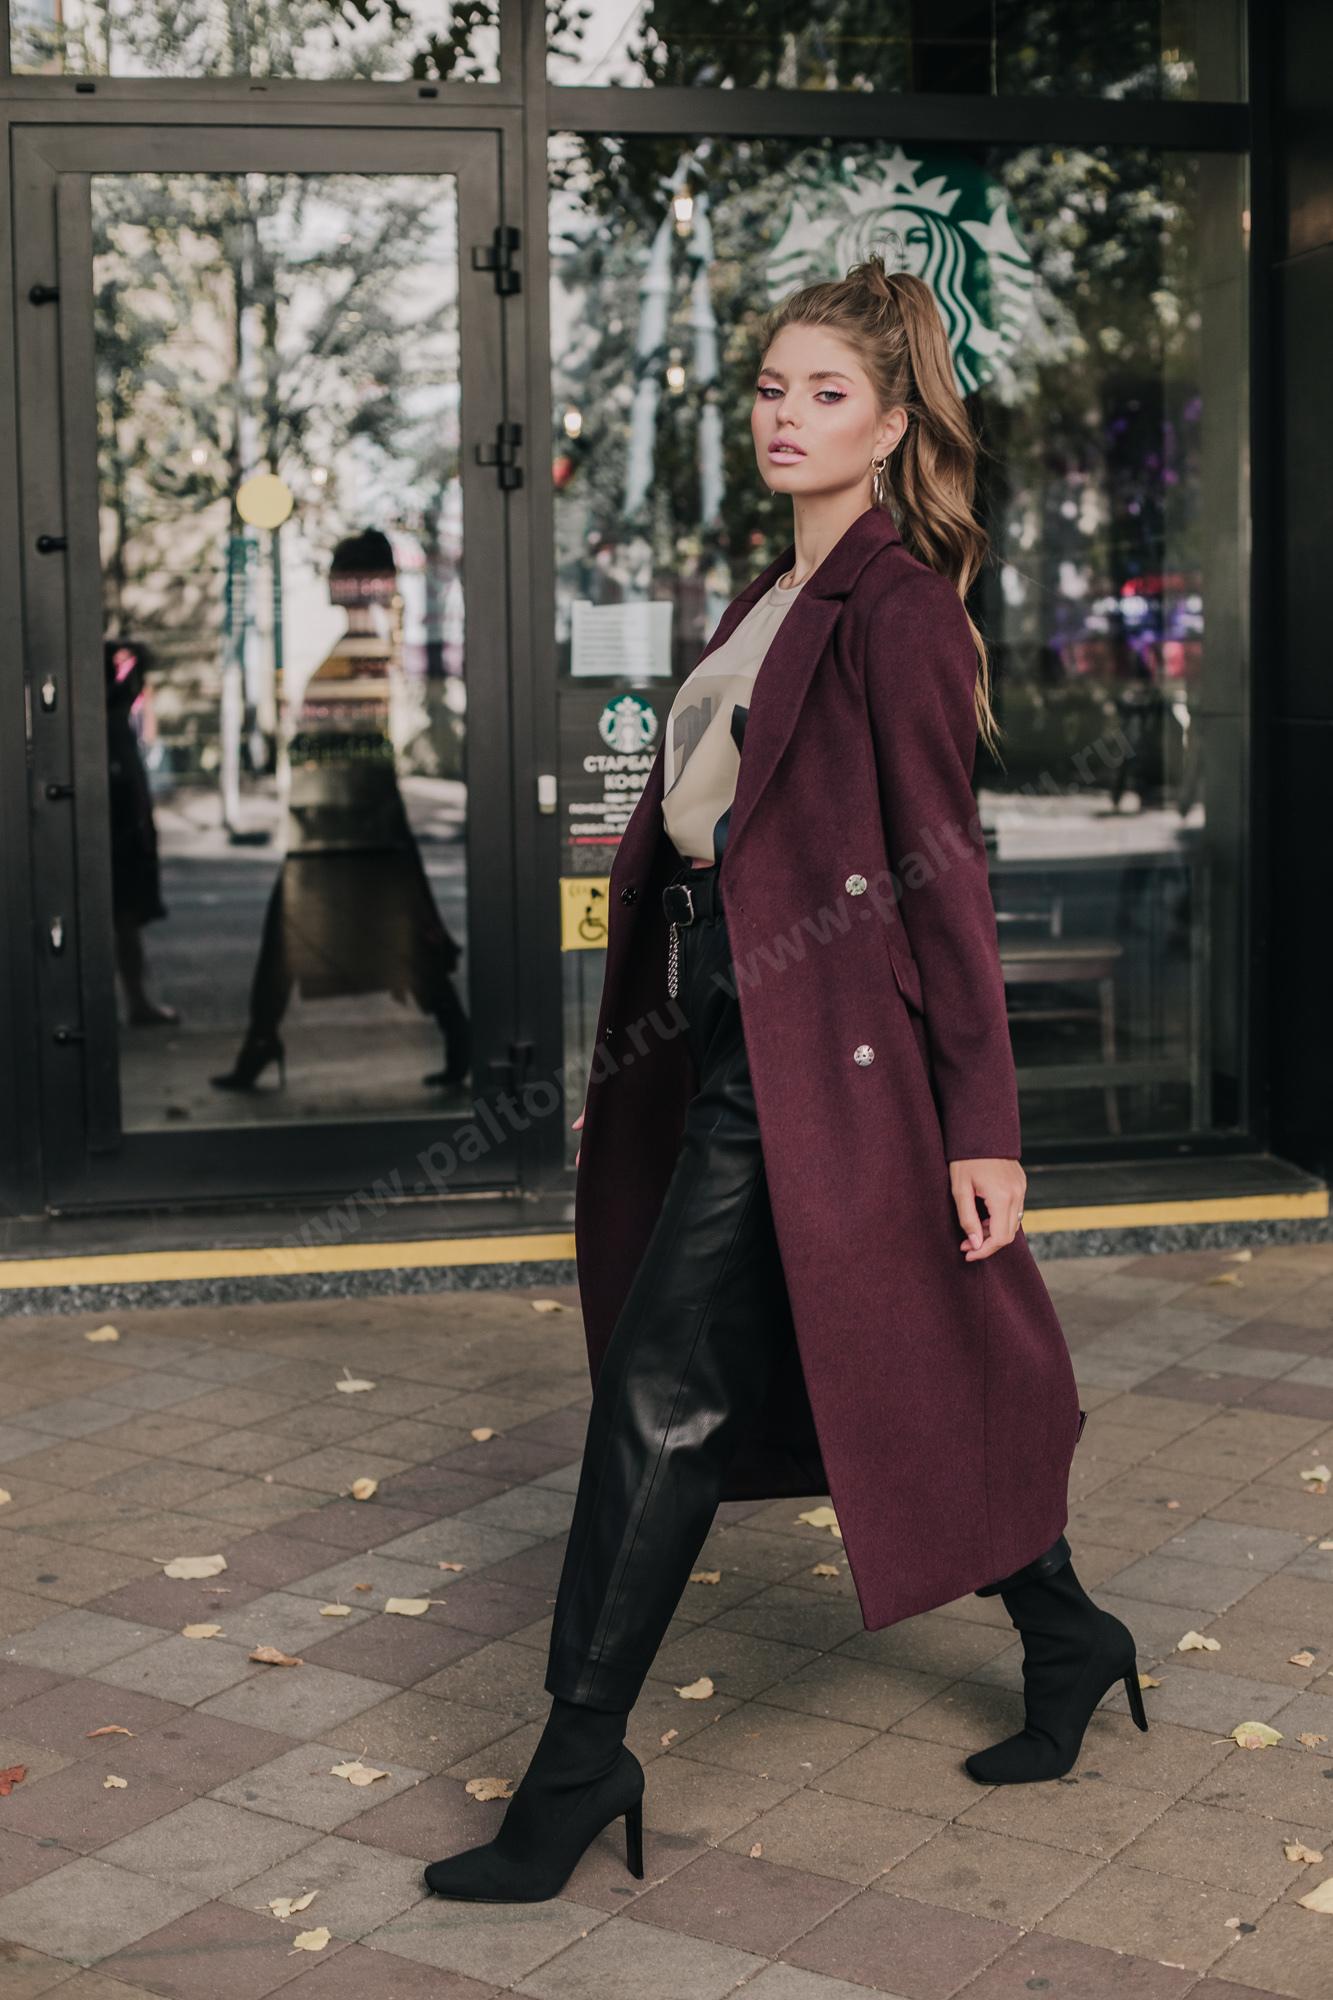 Пальто женское приталенное цвета марсала (бургундское вино)